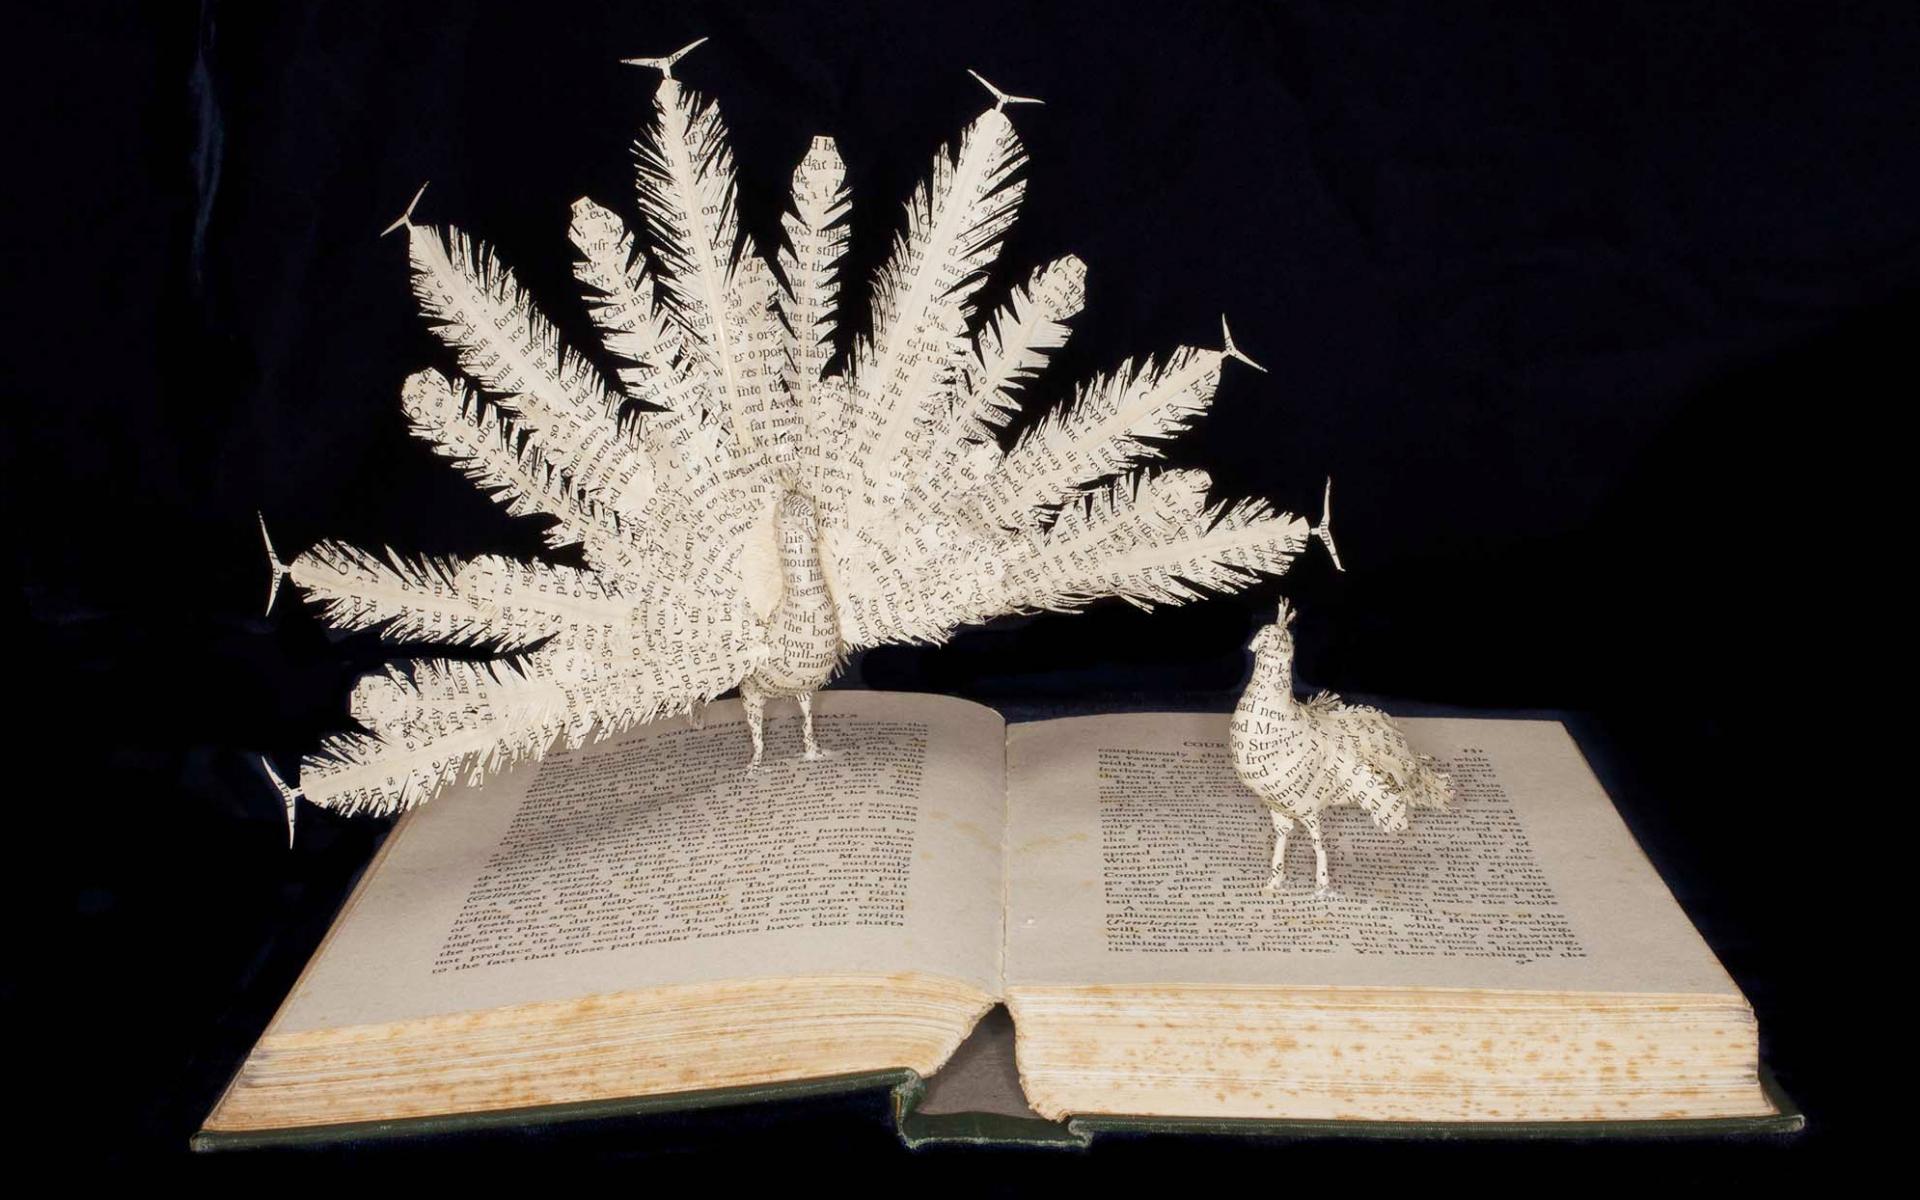 Novas narrativas tridimensionais a partir de livros descartados